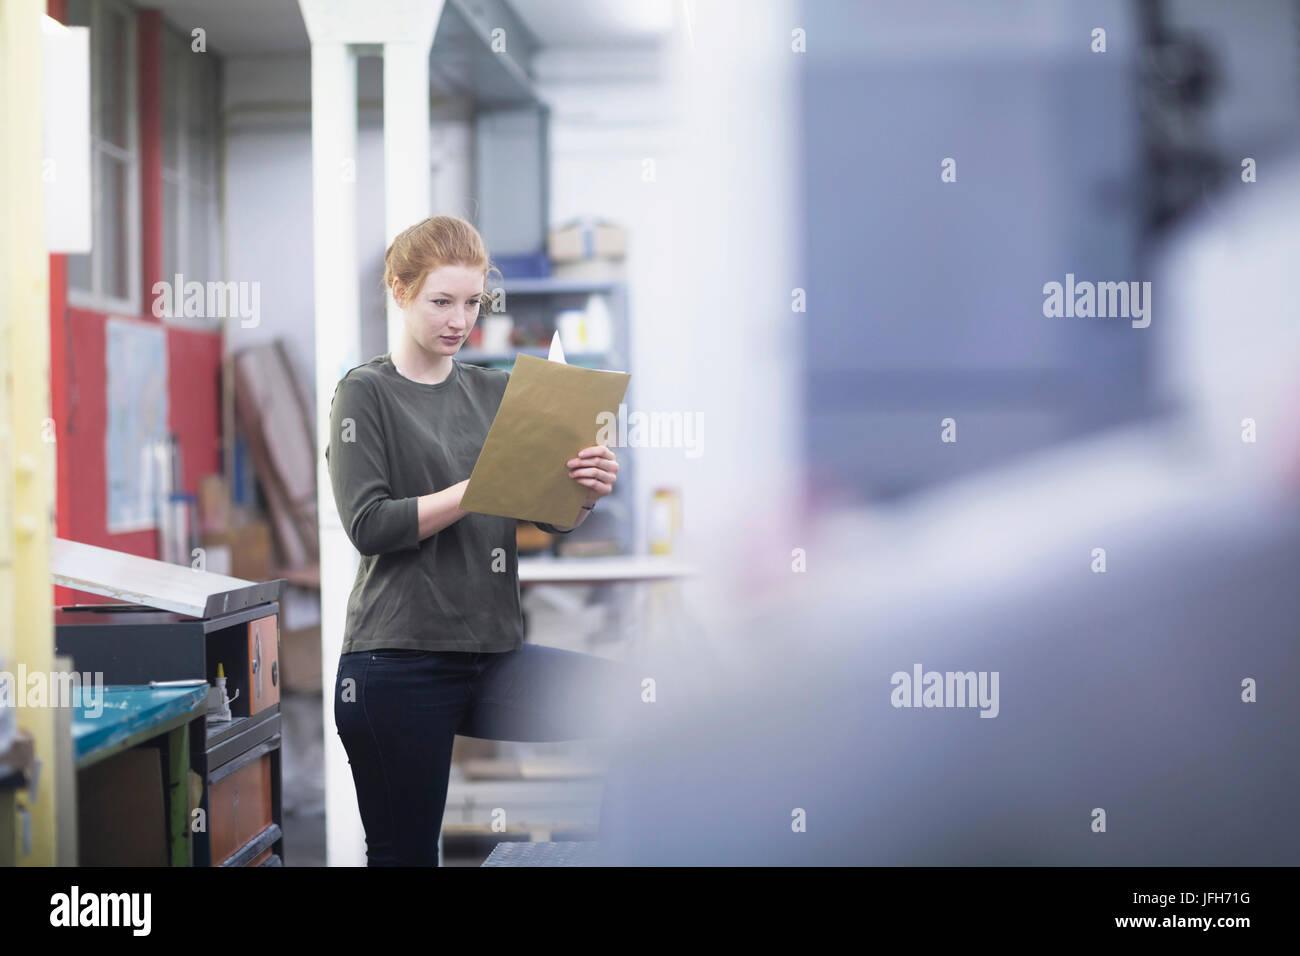 Femme lisant à papier imprimerie Banque D'Images